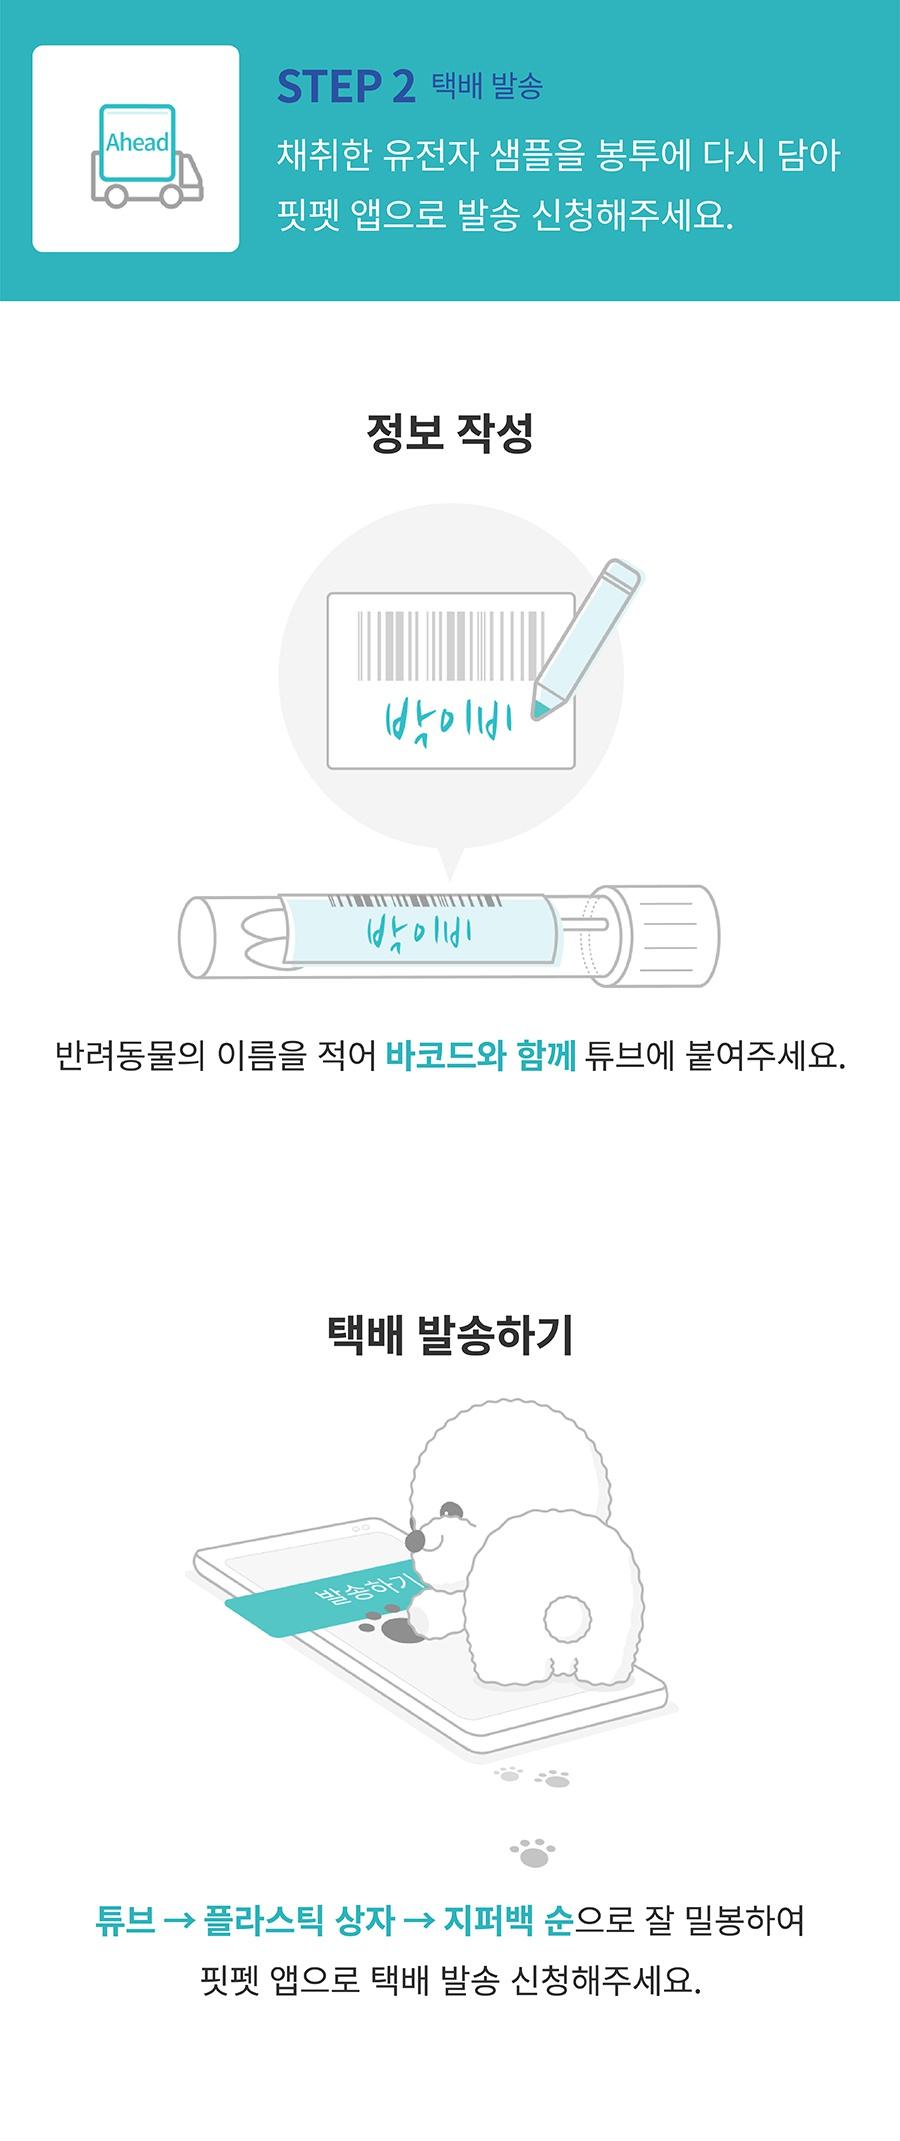 핏펫 어헤드 진 유전병 검사 키트-상품이미지-7